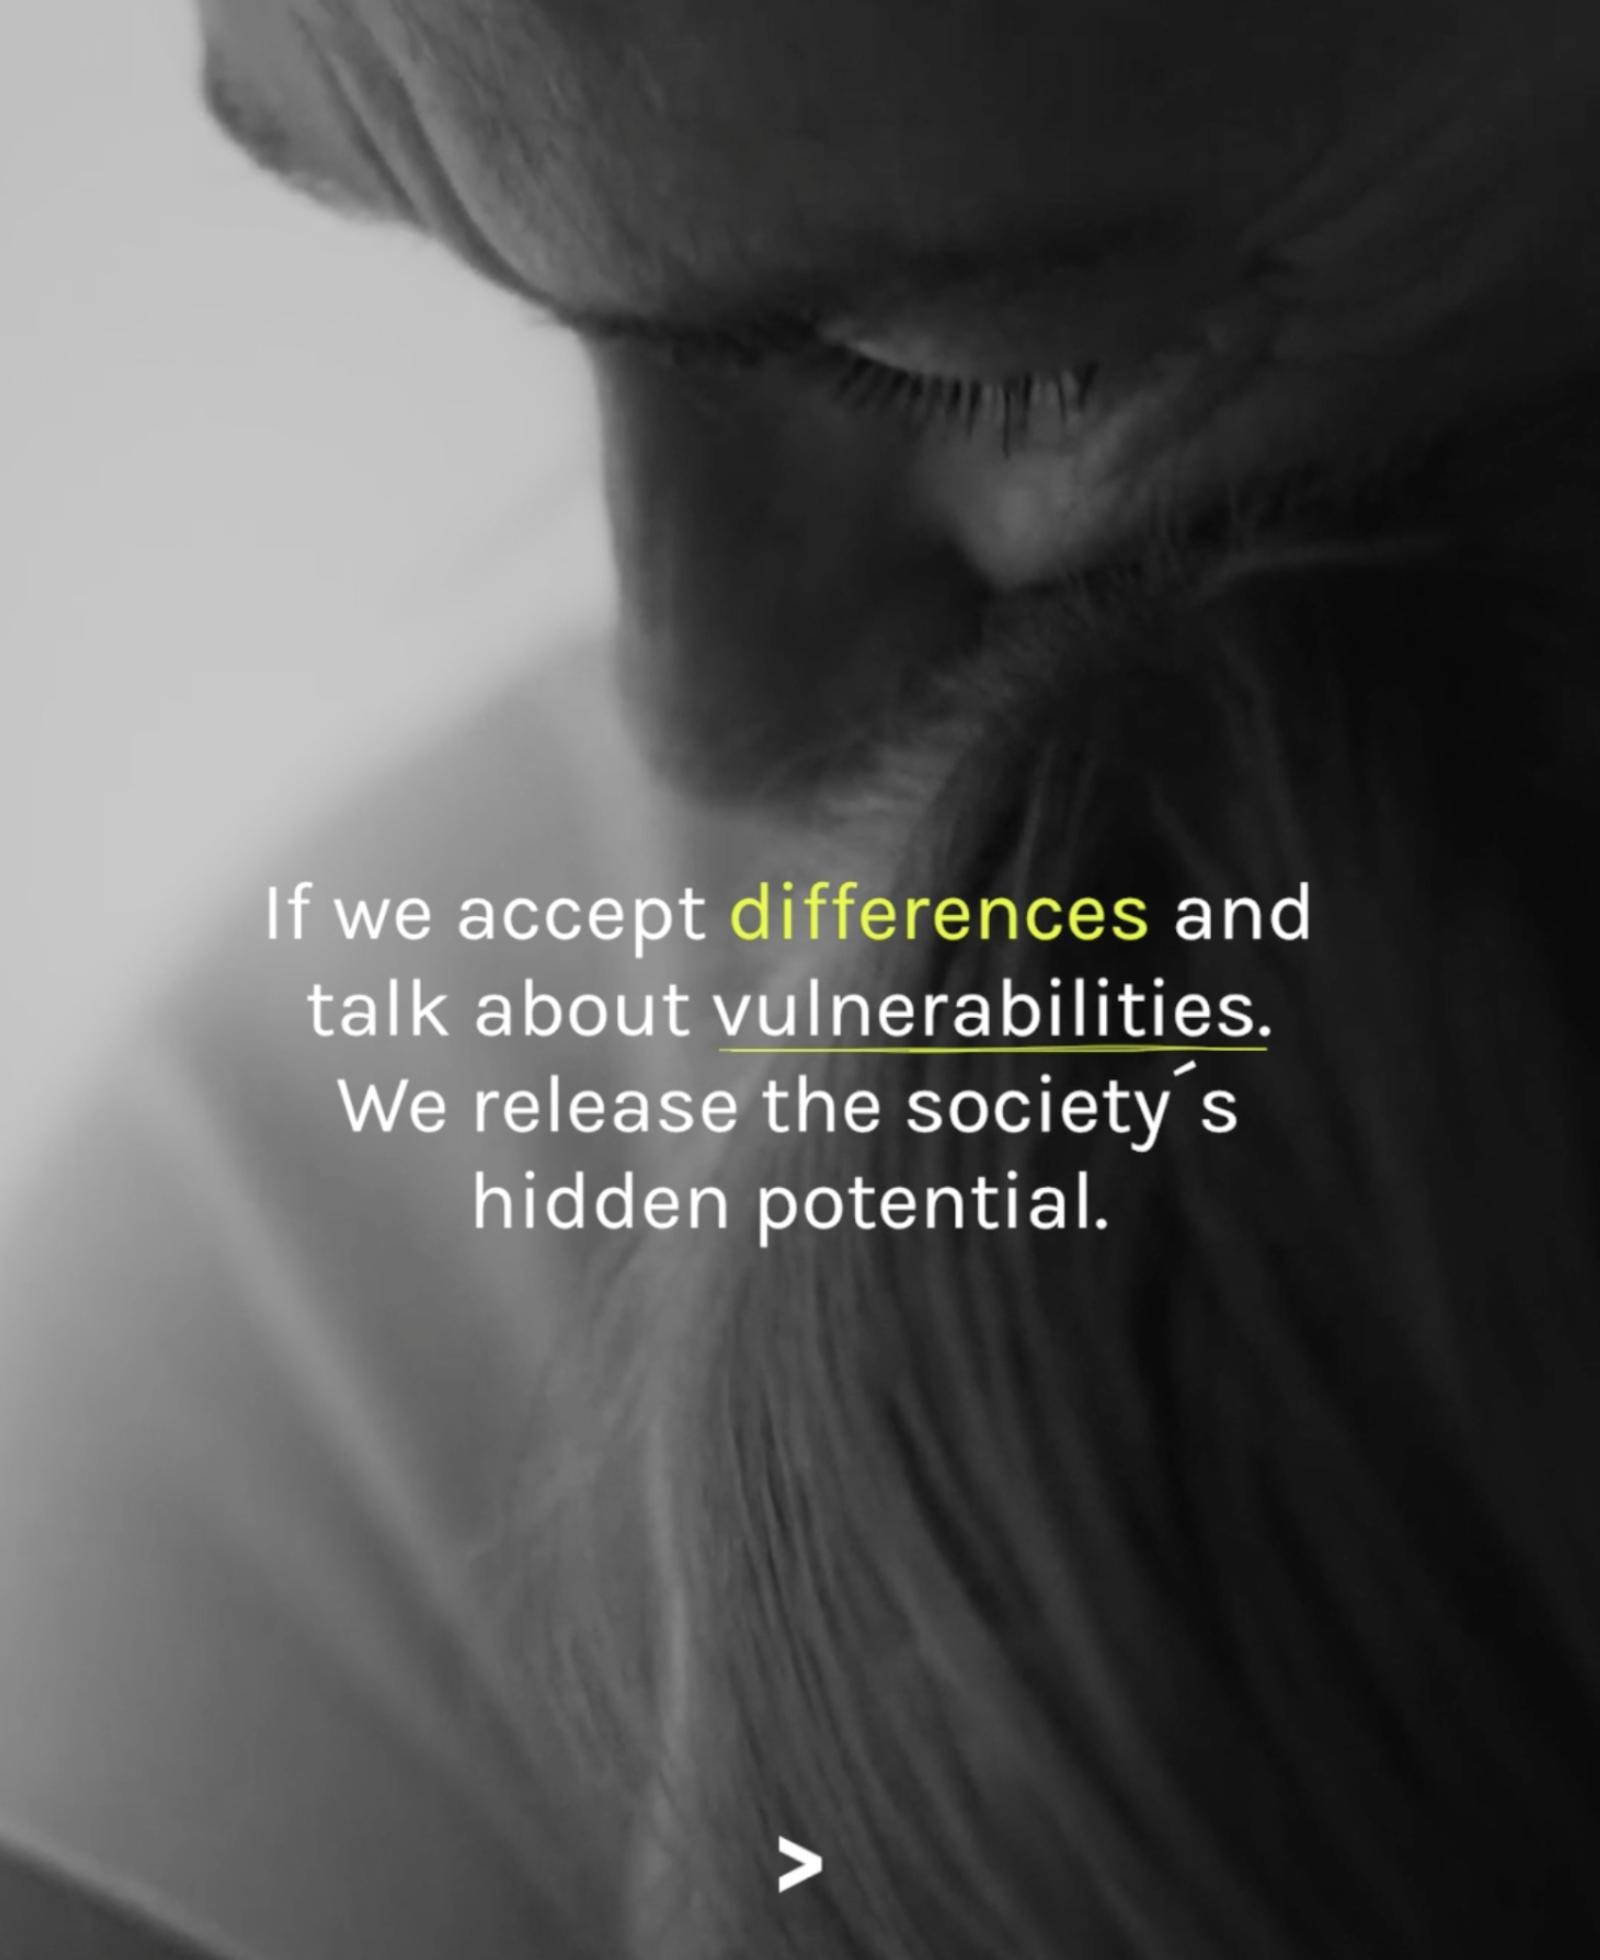 Norrsken Foundation, intervju och plåtning för Tänk om nu. Bild: Skärmdump från video.